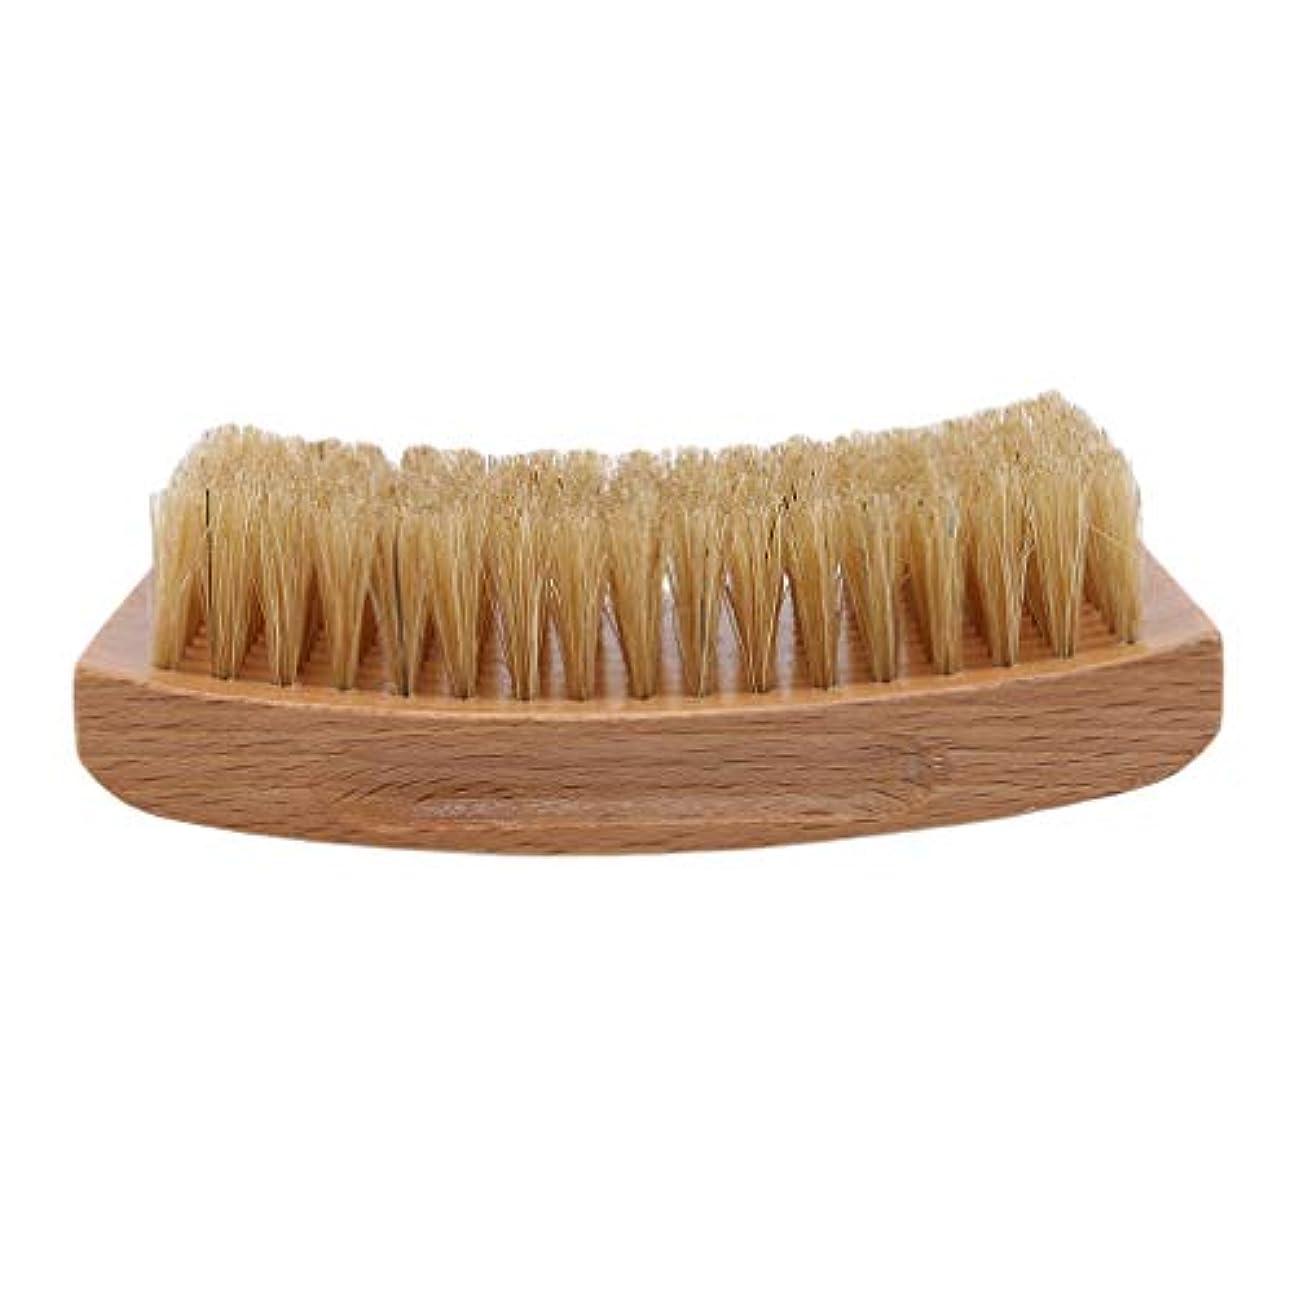 虫を数える宿題をするカーペットLargesoy ひげブラシ シェービングブラシ 理容 洗顔 髭剃り 泡立ち ひげ剃り 美容ツール シェービング用アクセサリー 1#